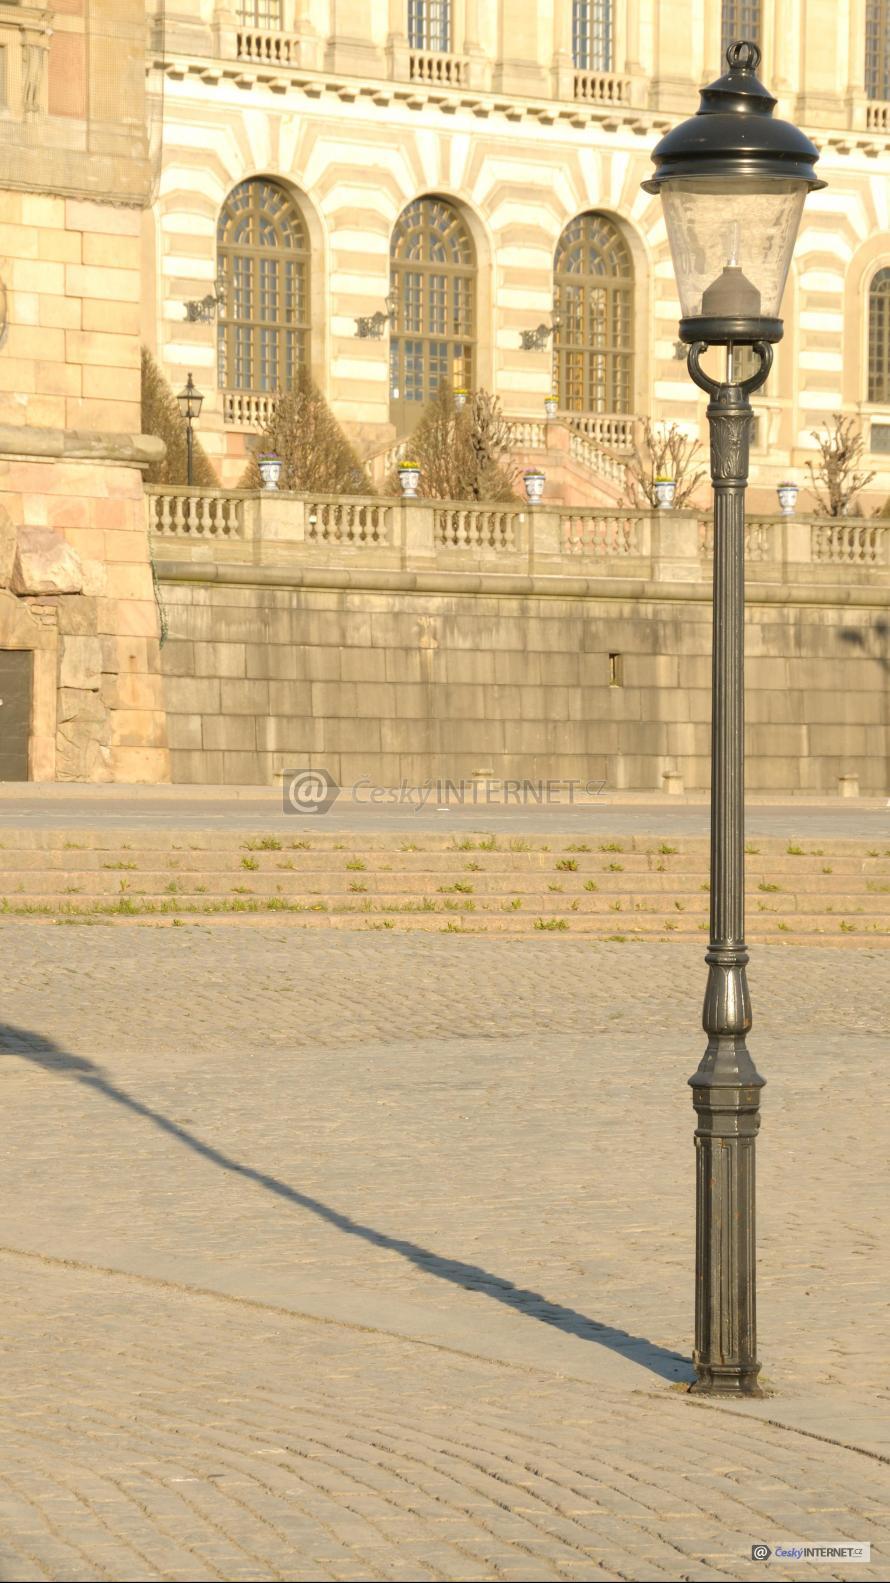 Lampa na chodníku před historickou stavbou, kamenná dlažba.